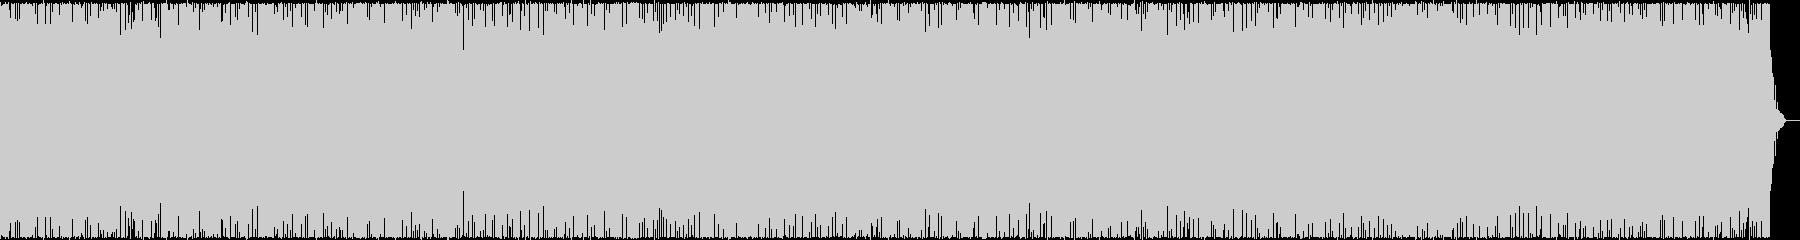 弾むような軽快なBGMの未再生の波形